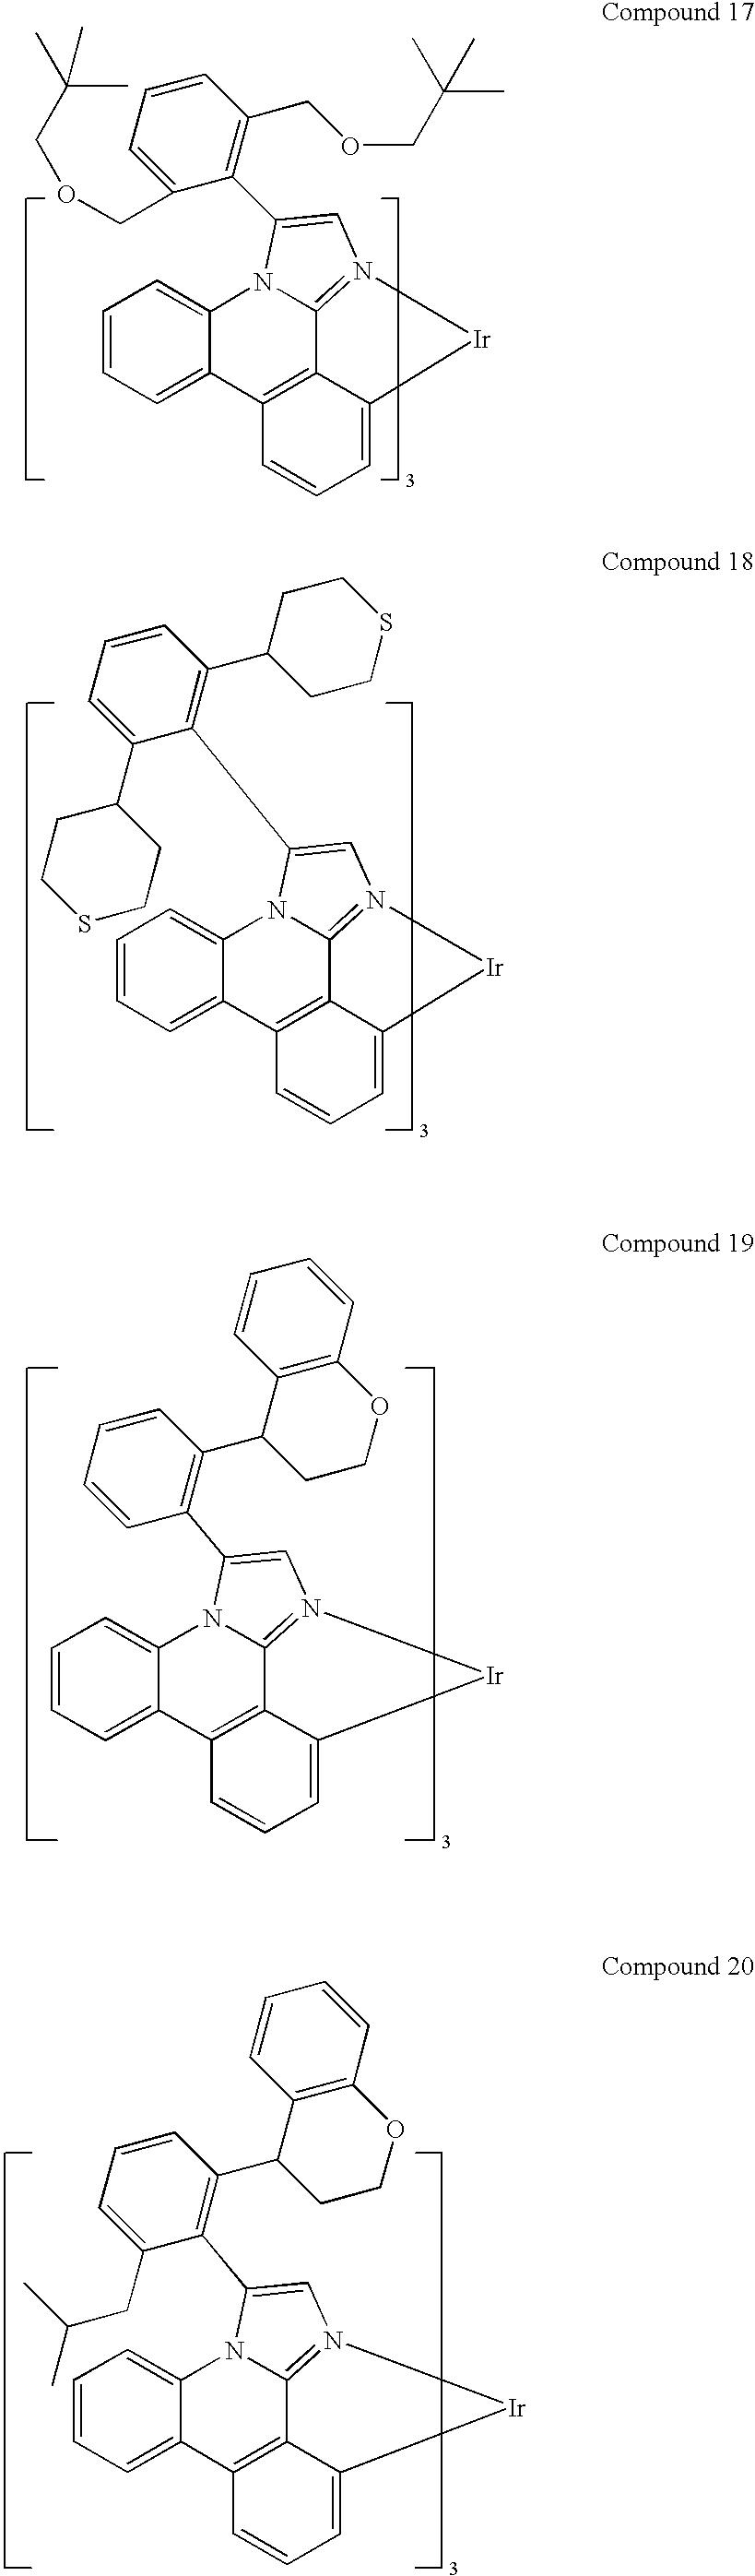 Figure US20100148663A1-20100617-C00178